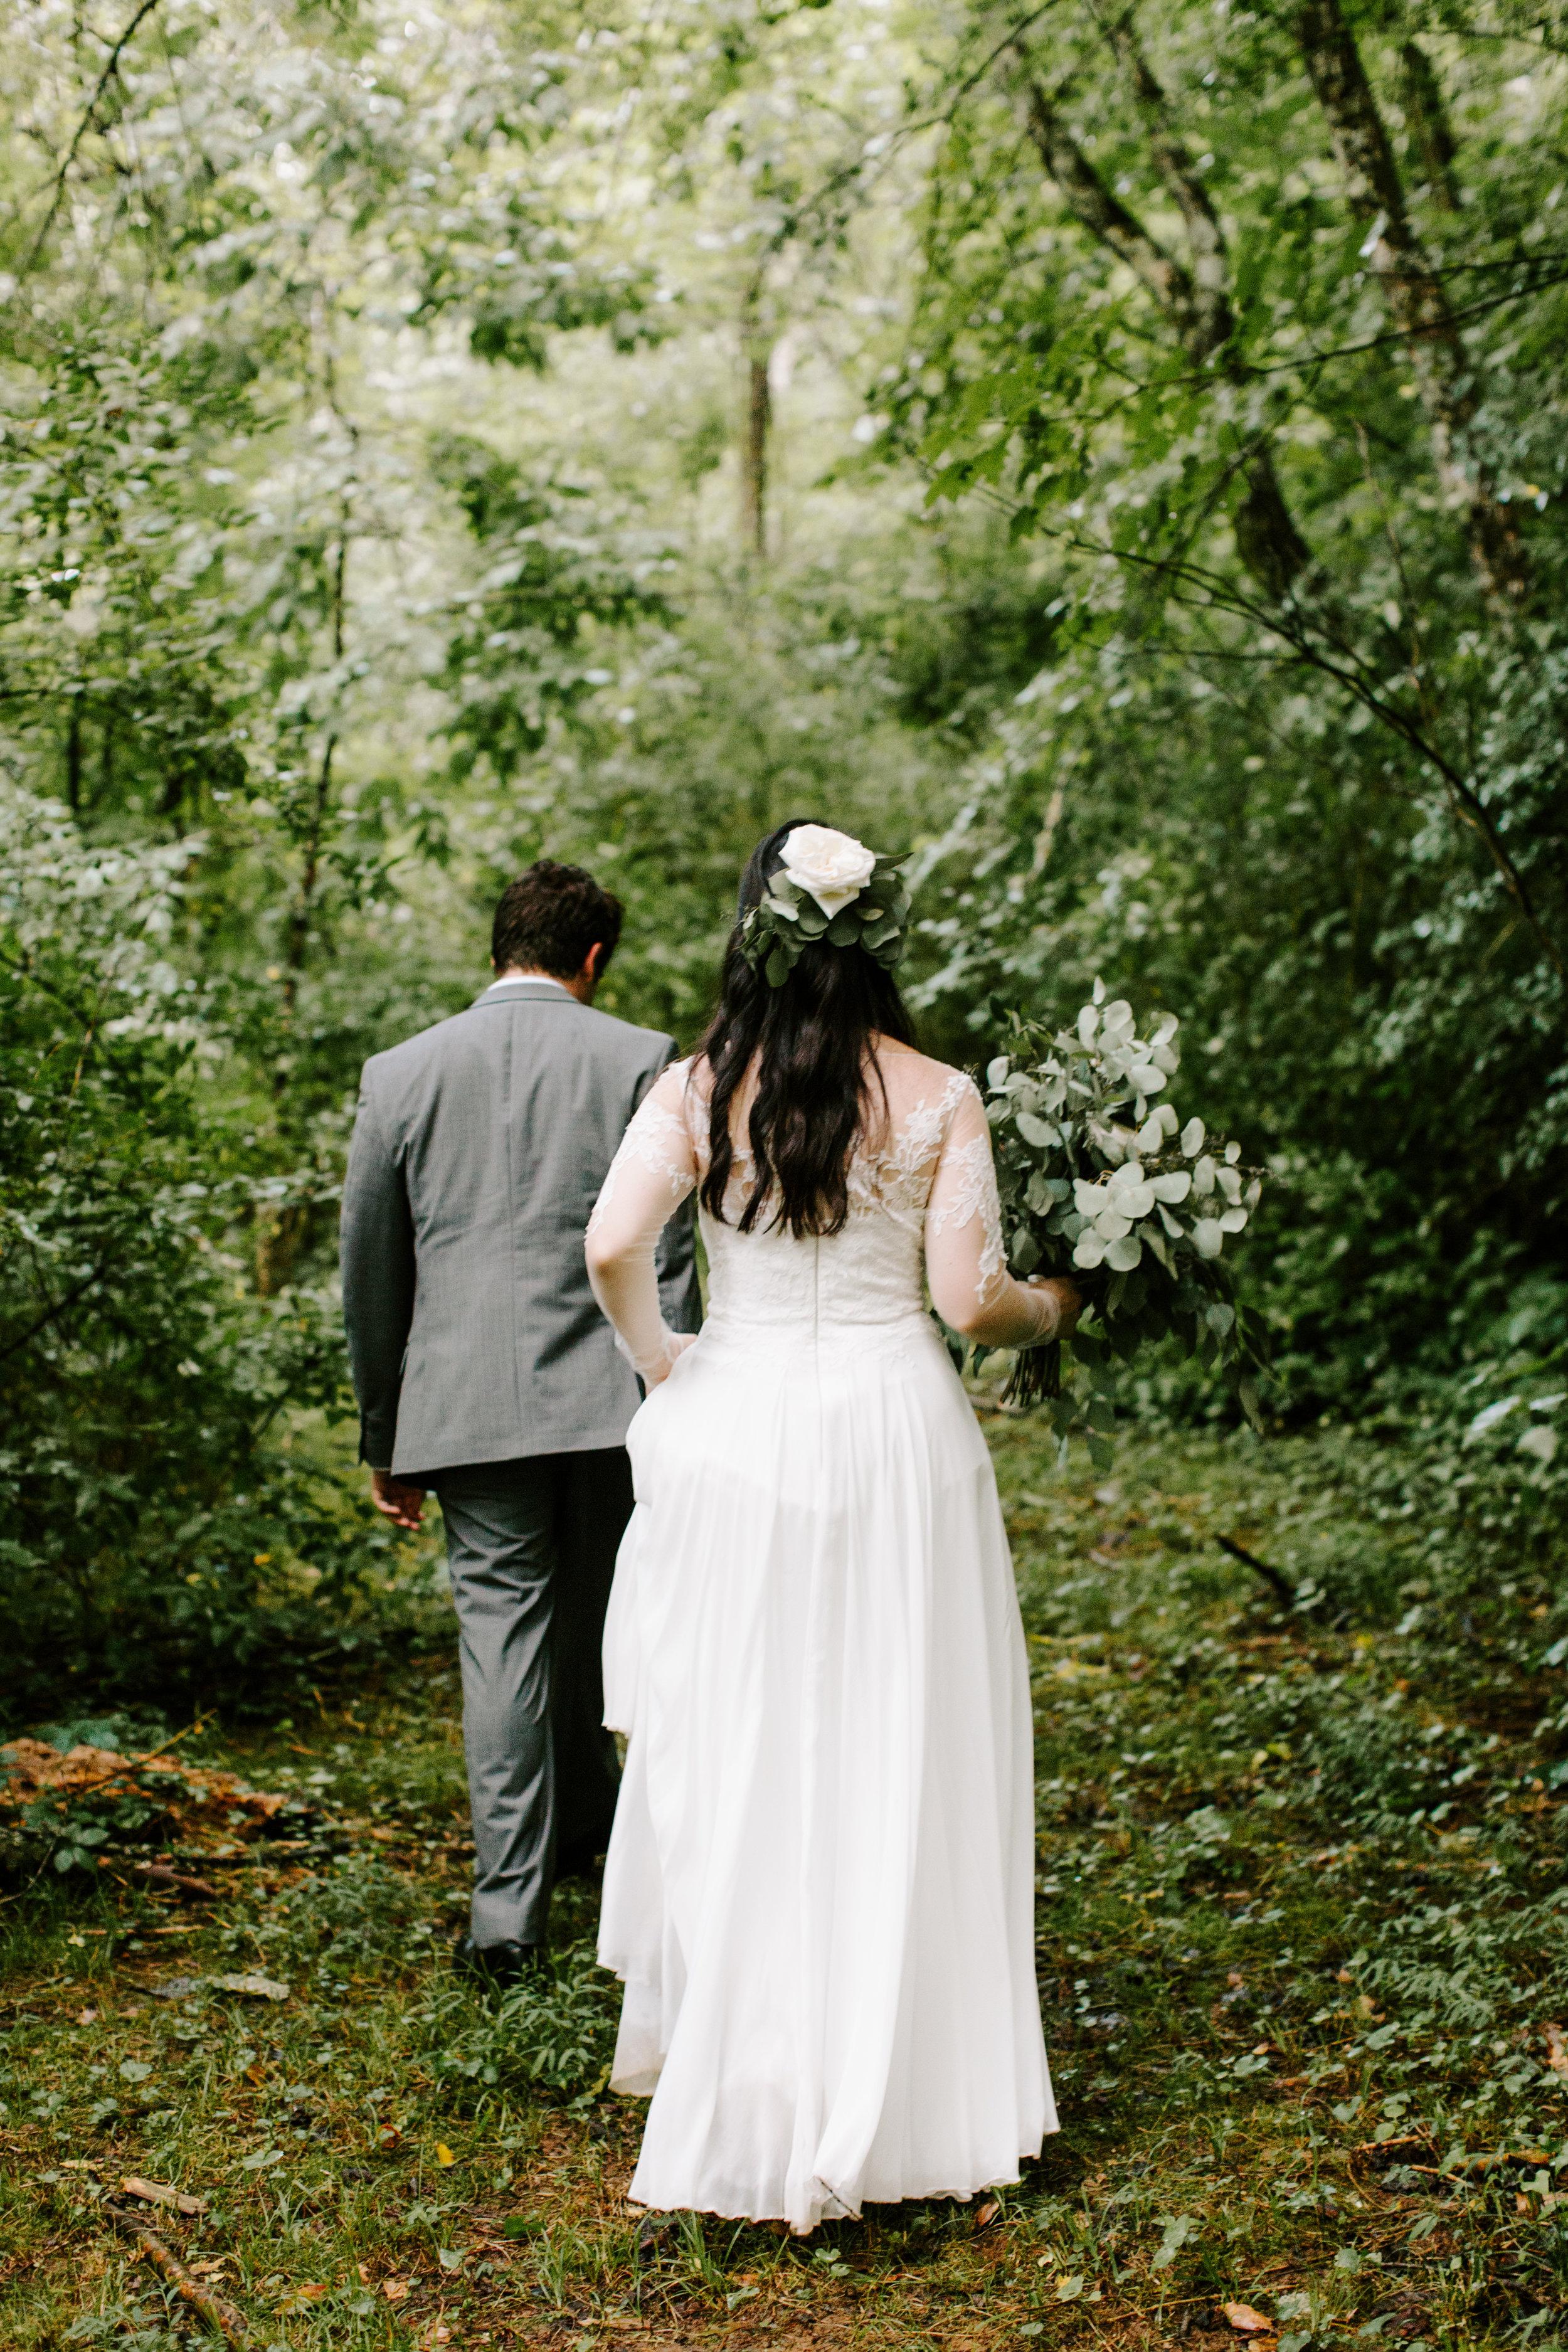 bride-and-groom-walking-into-woods.jpg